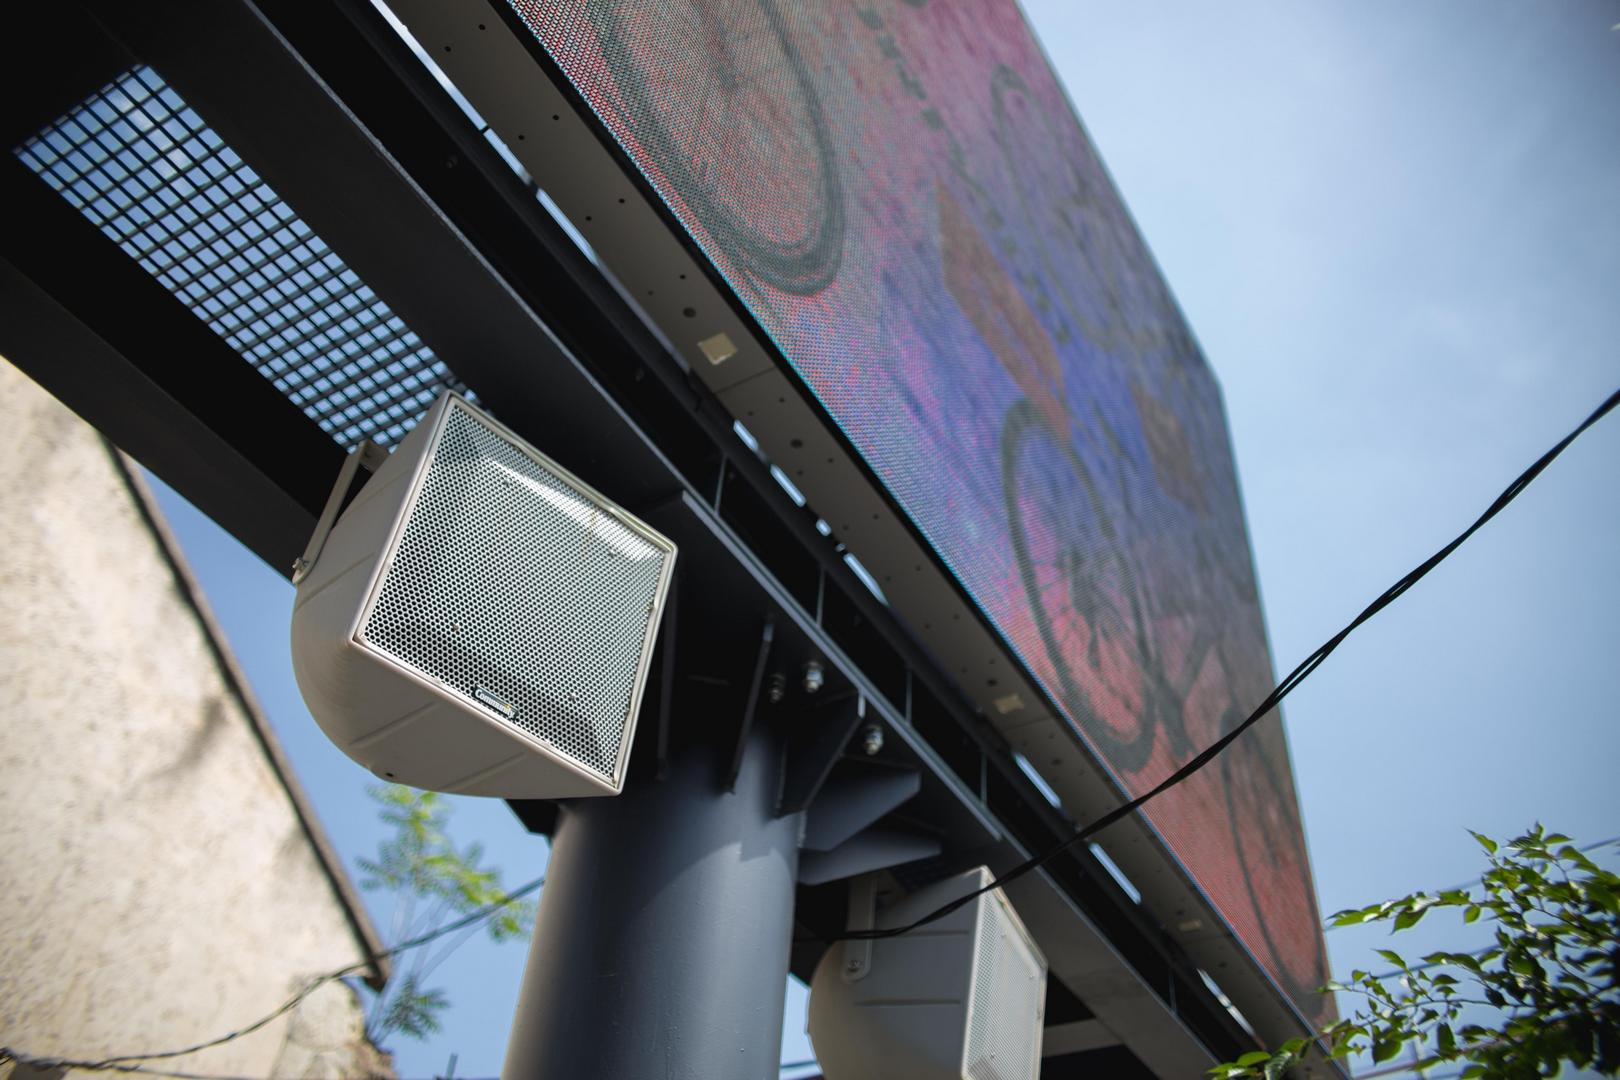 A Miskolcon található óriásmegjelenítők és hangsugárzók